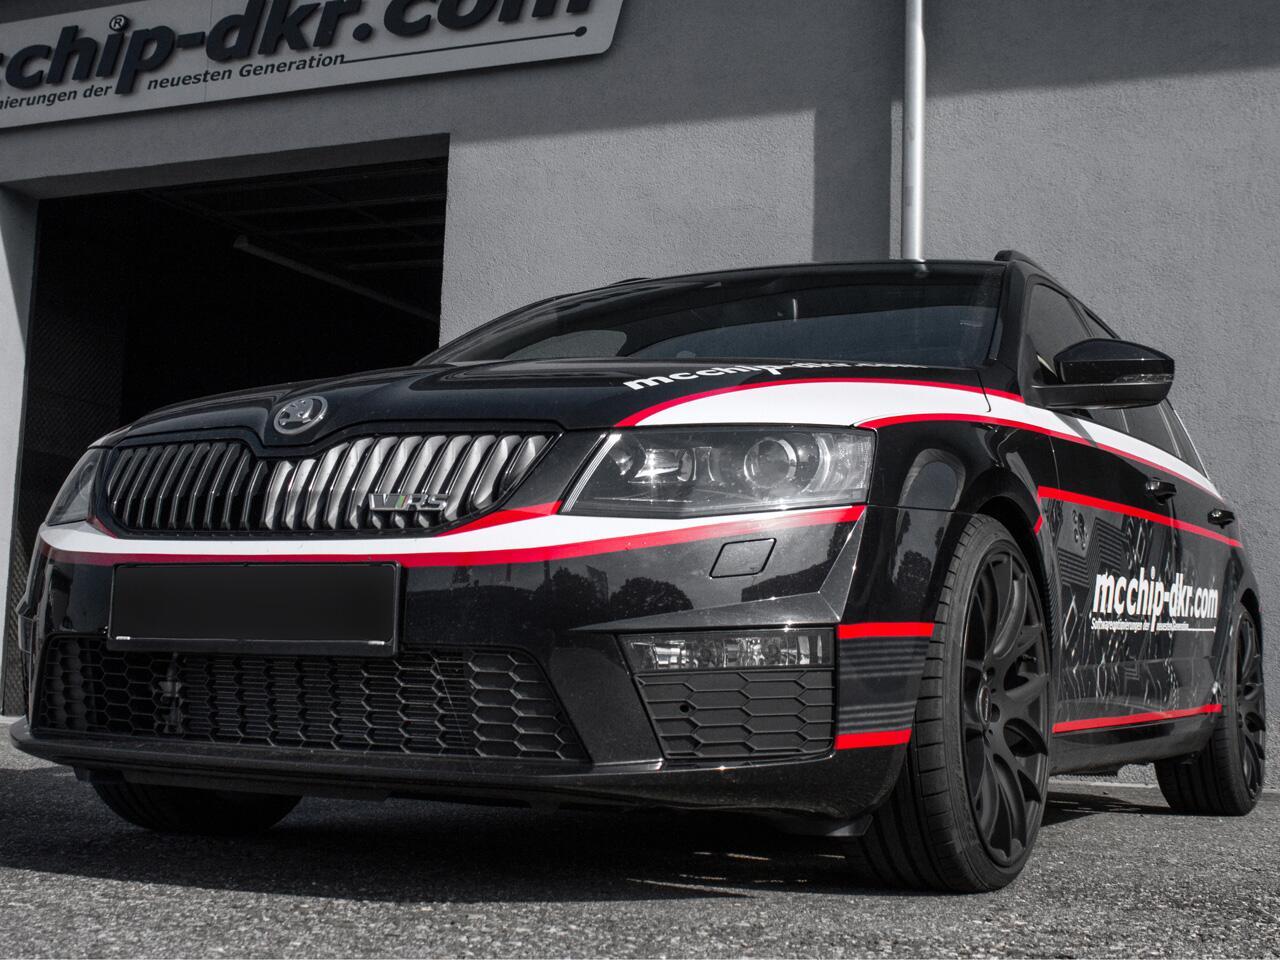 Bild zu Ziemlich ungewöhnlicher Skoda Octavia: Tuning-Schmiede peppt Familienauto auf